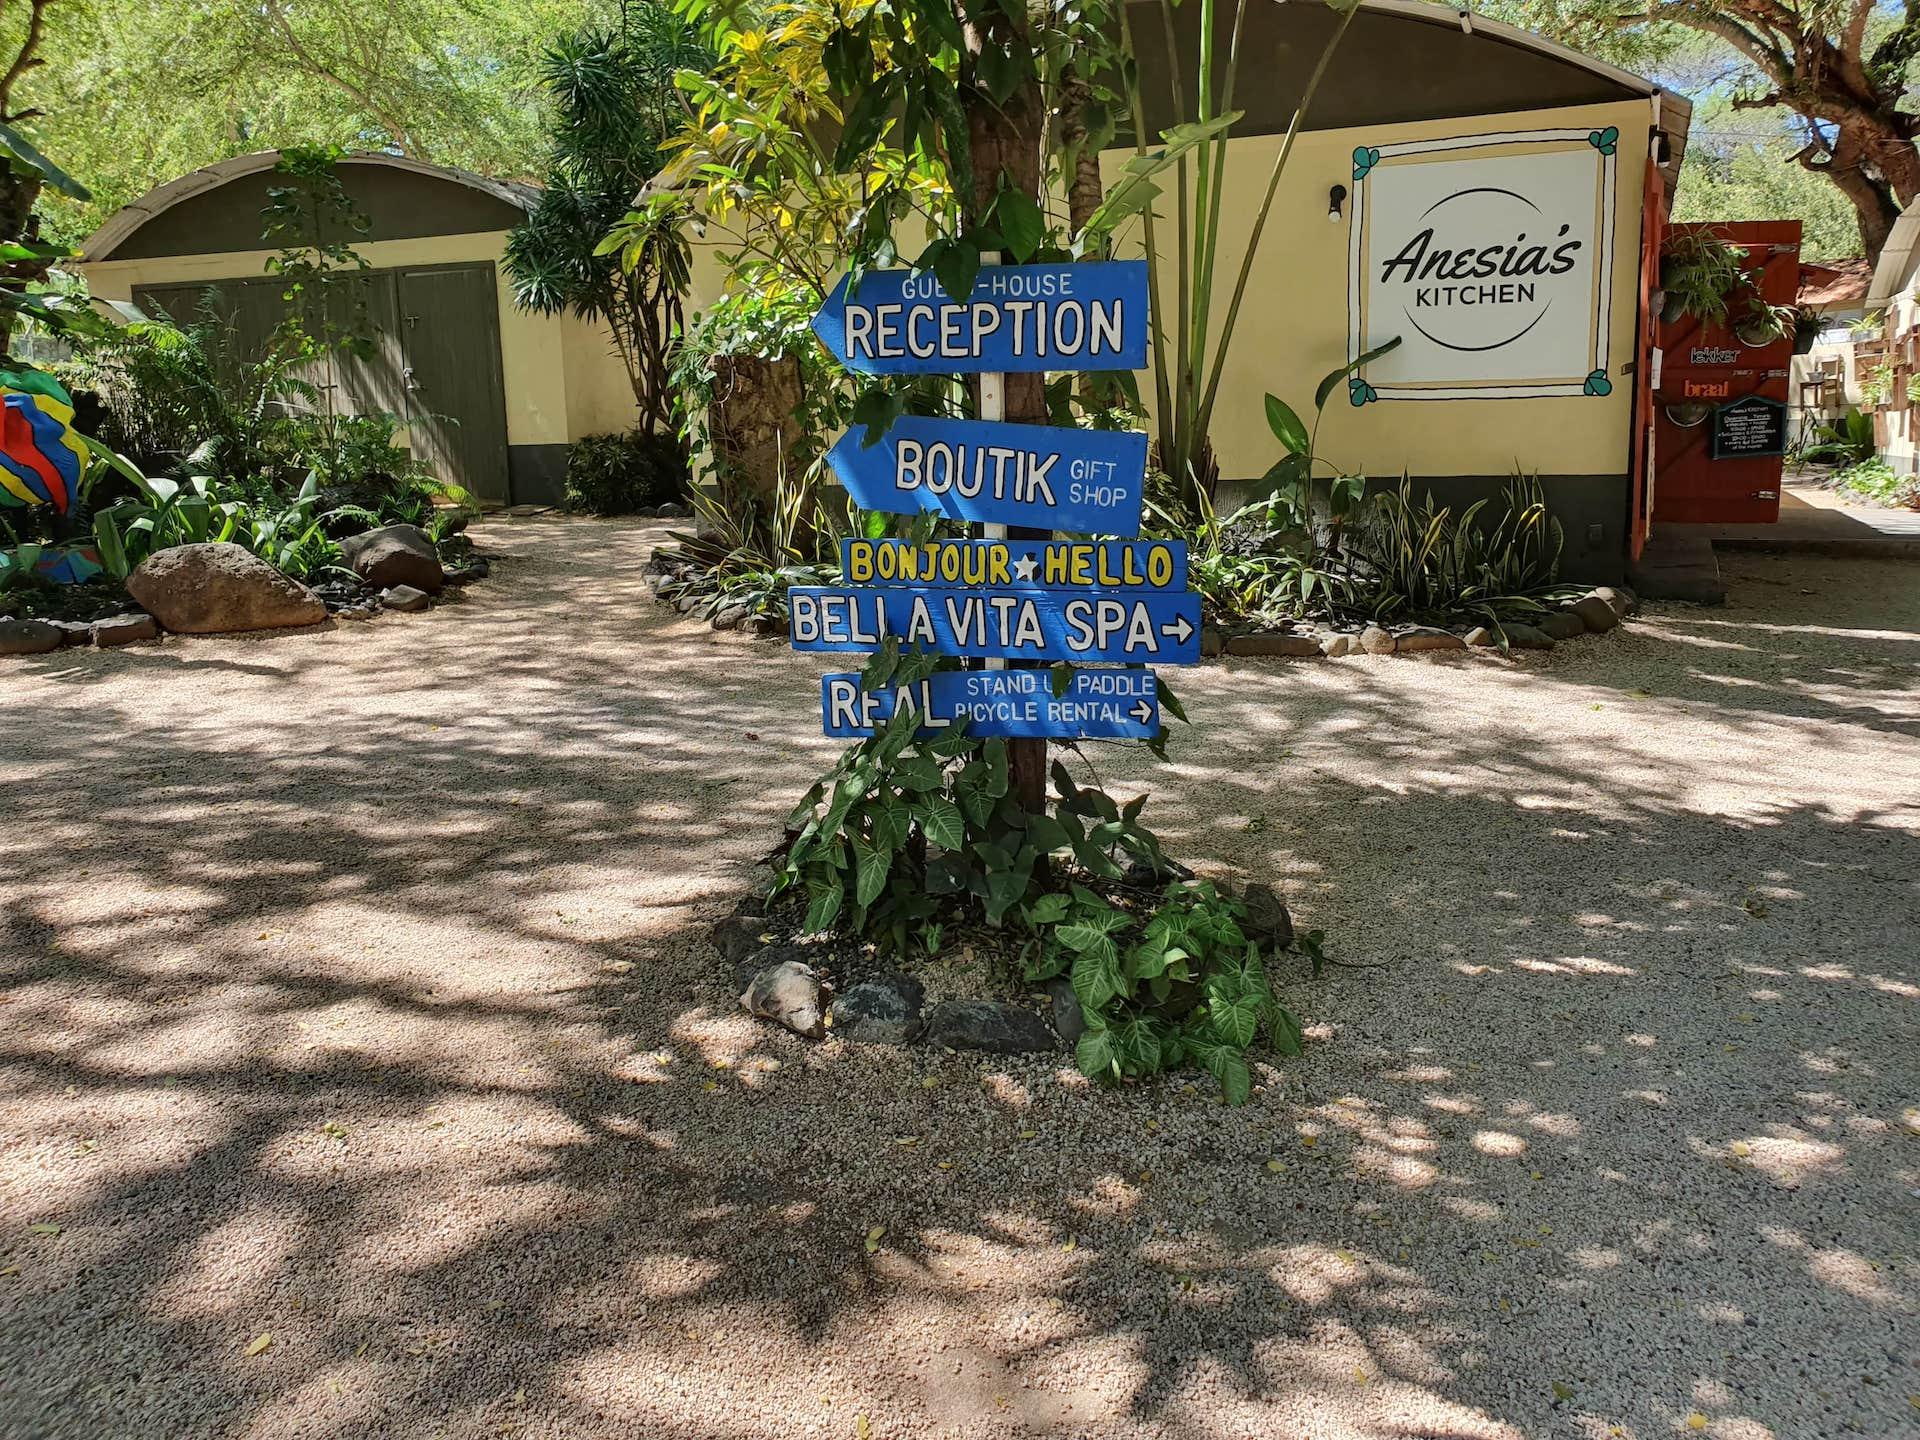 ALGEMEEN MRU 3 - Vanilla Village 20191029_093927-min